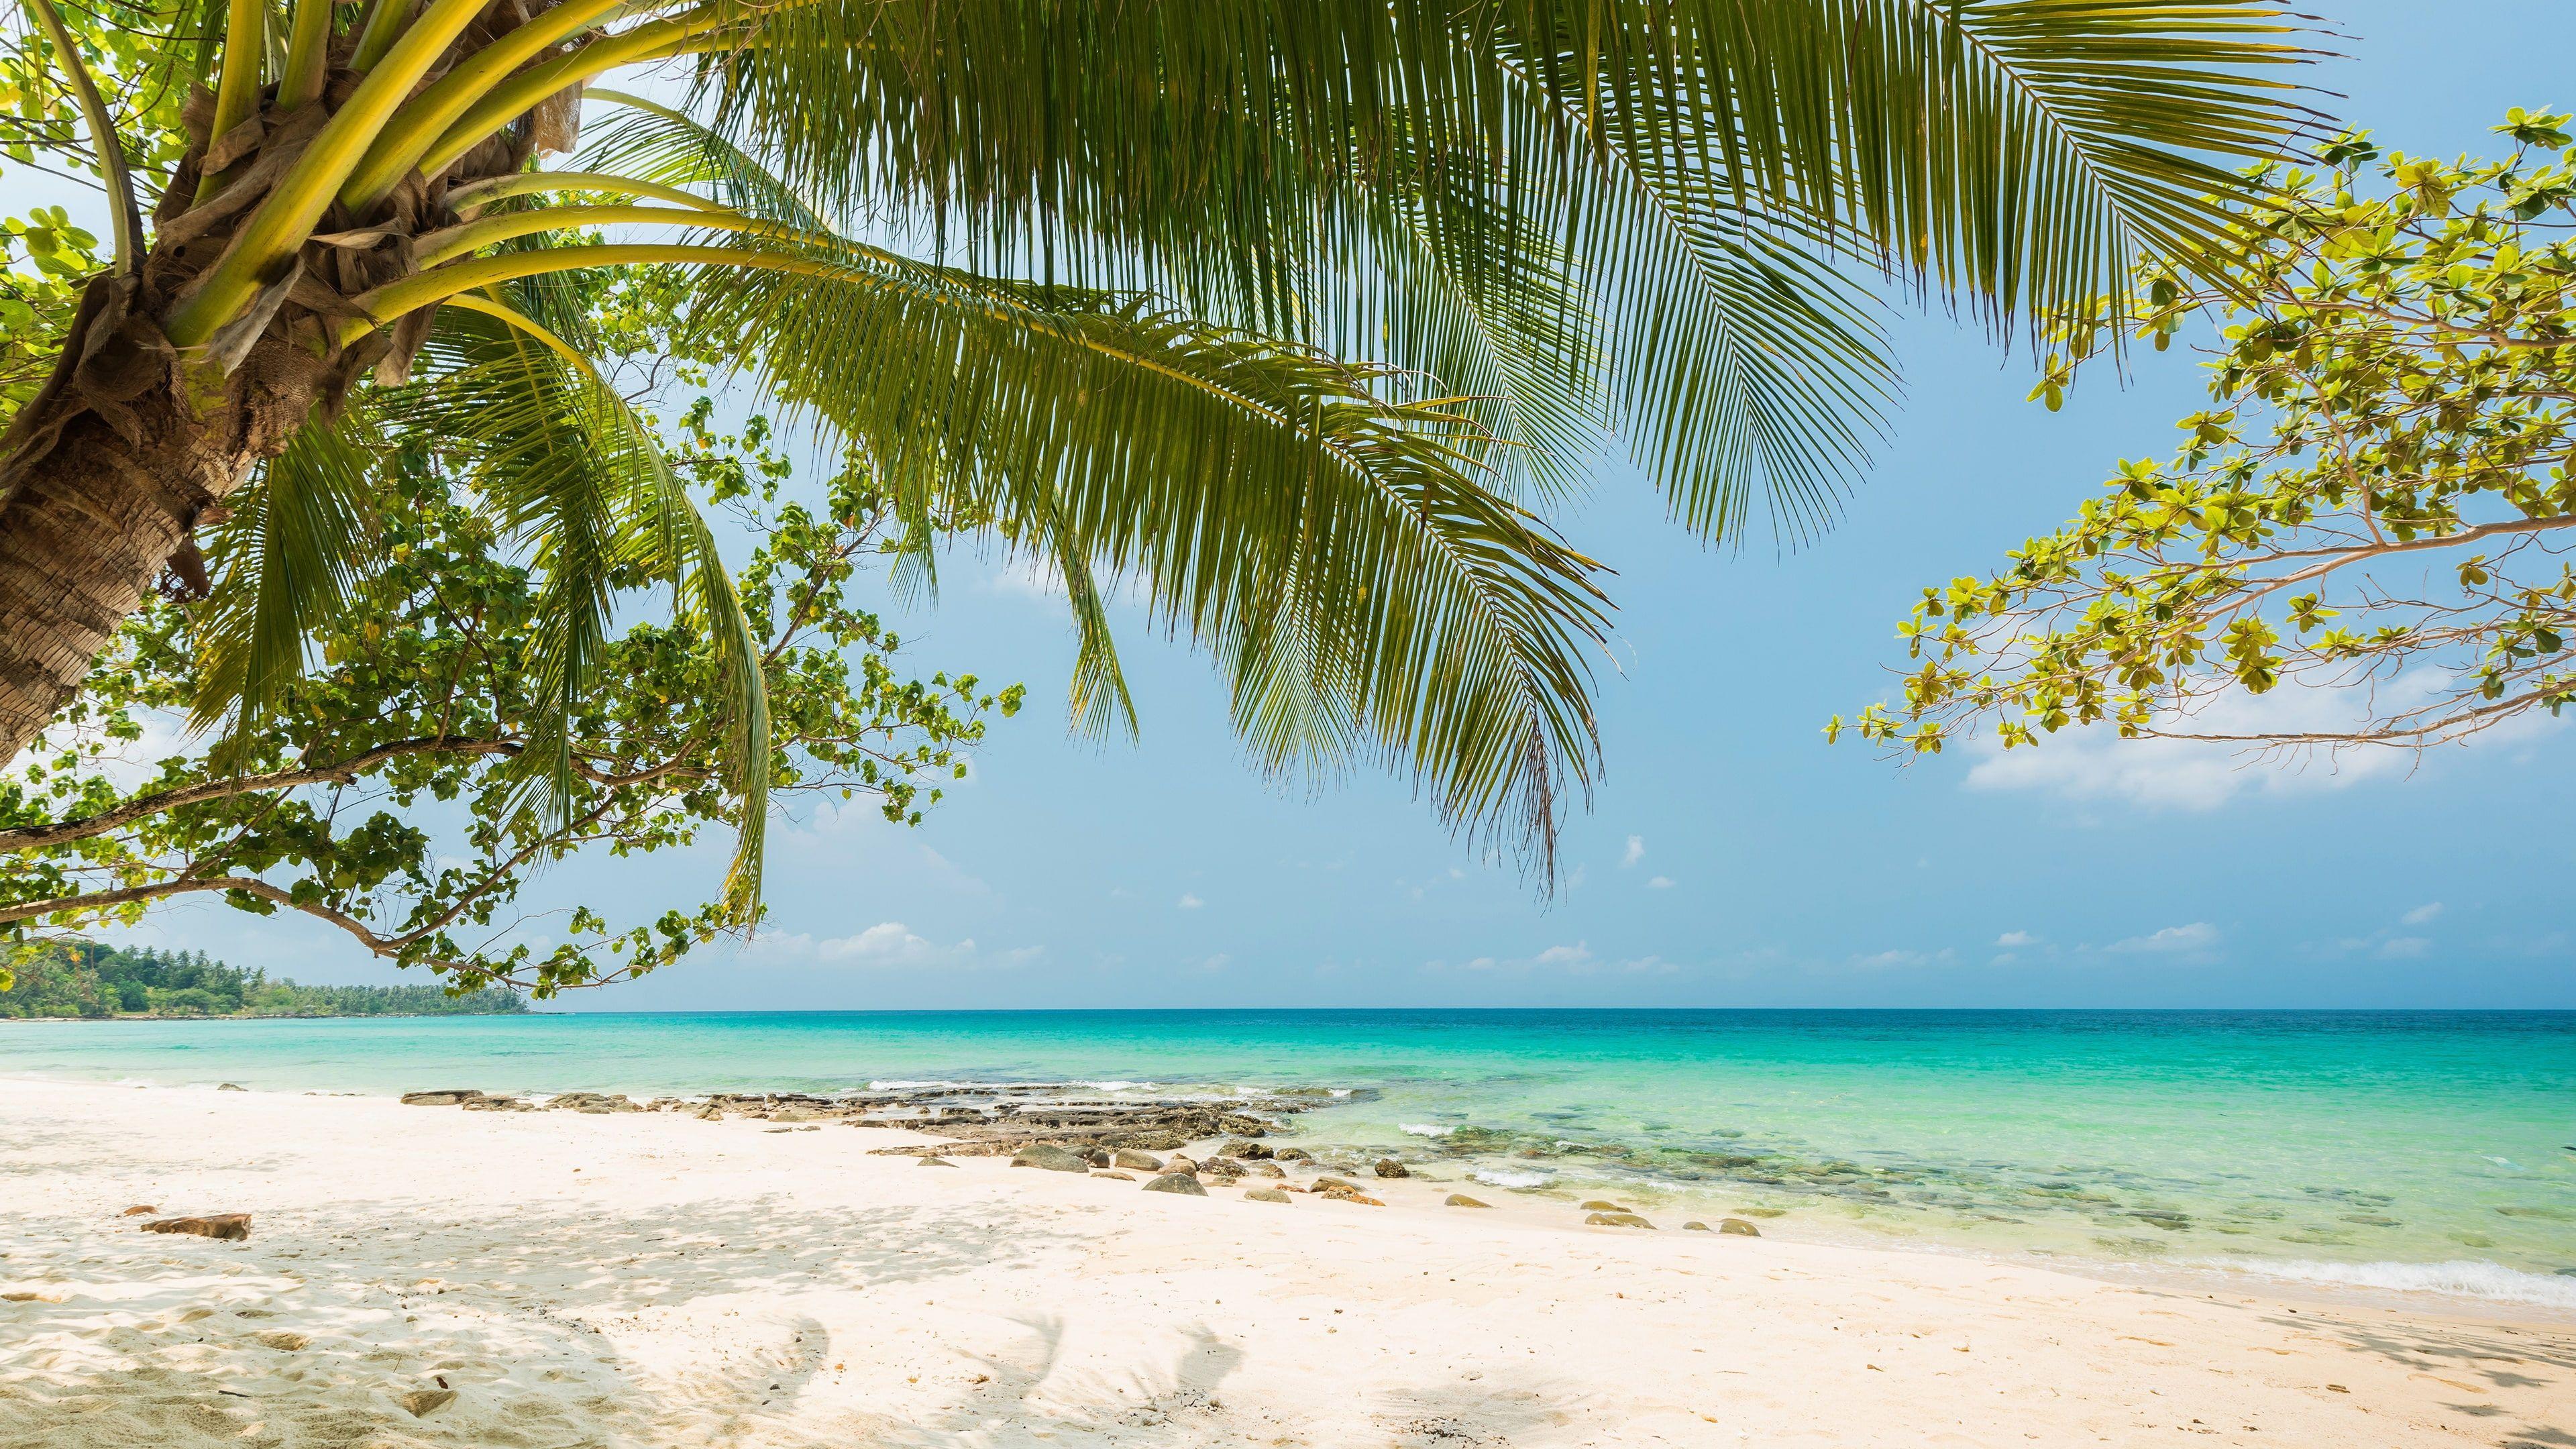 Pin On Beach Tropical island beach palm sea sand